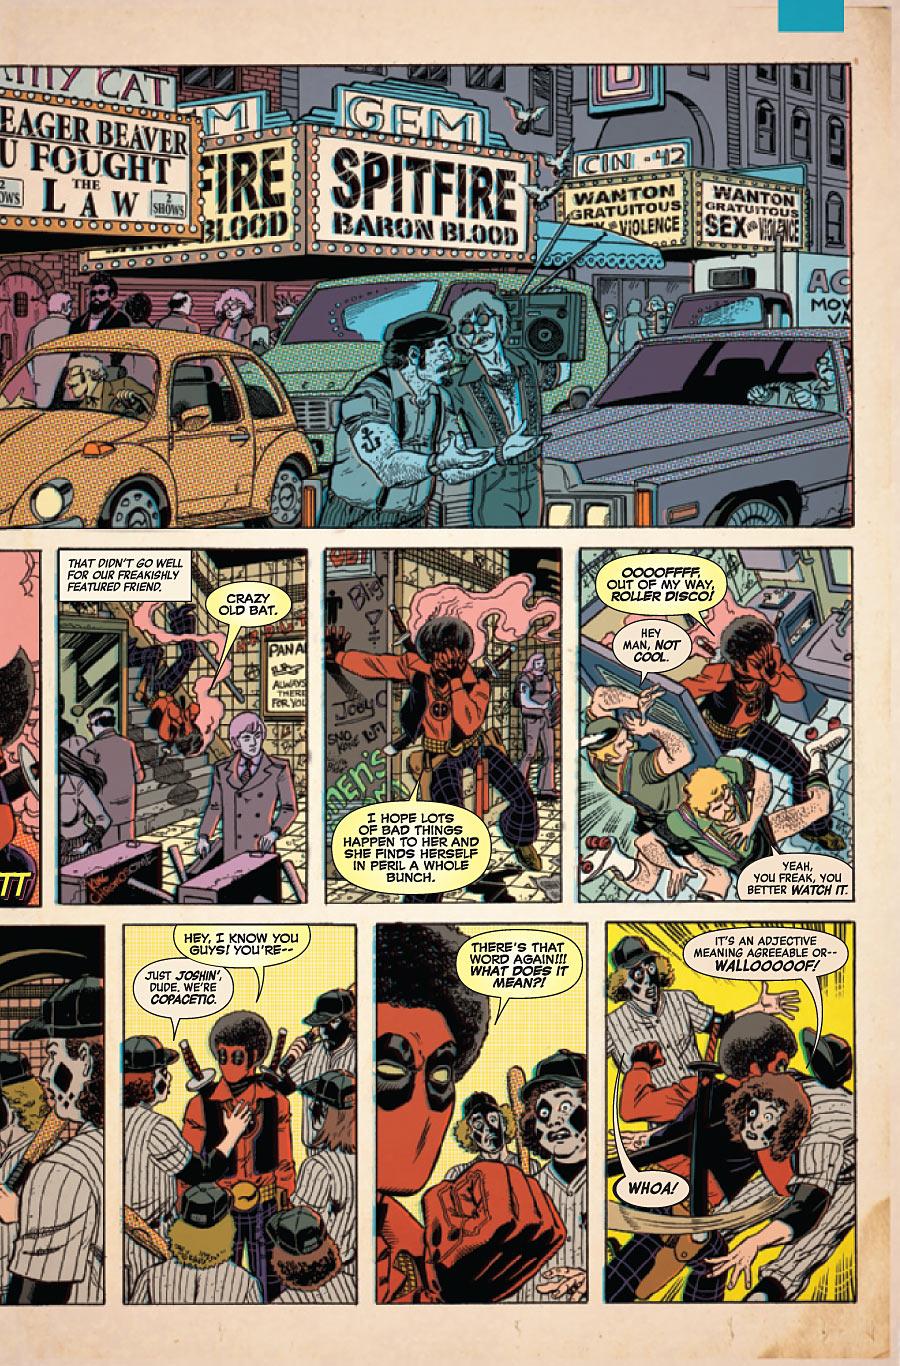 [Comics] Prenons Baxter par la main. 126642DPOOL2012013intLR4e713b